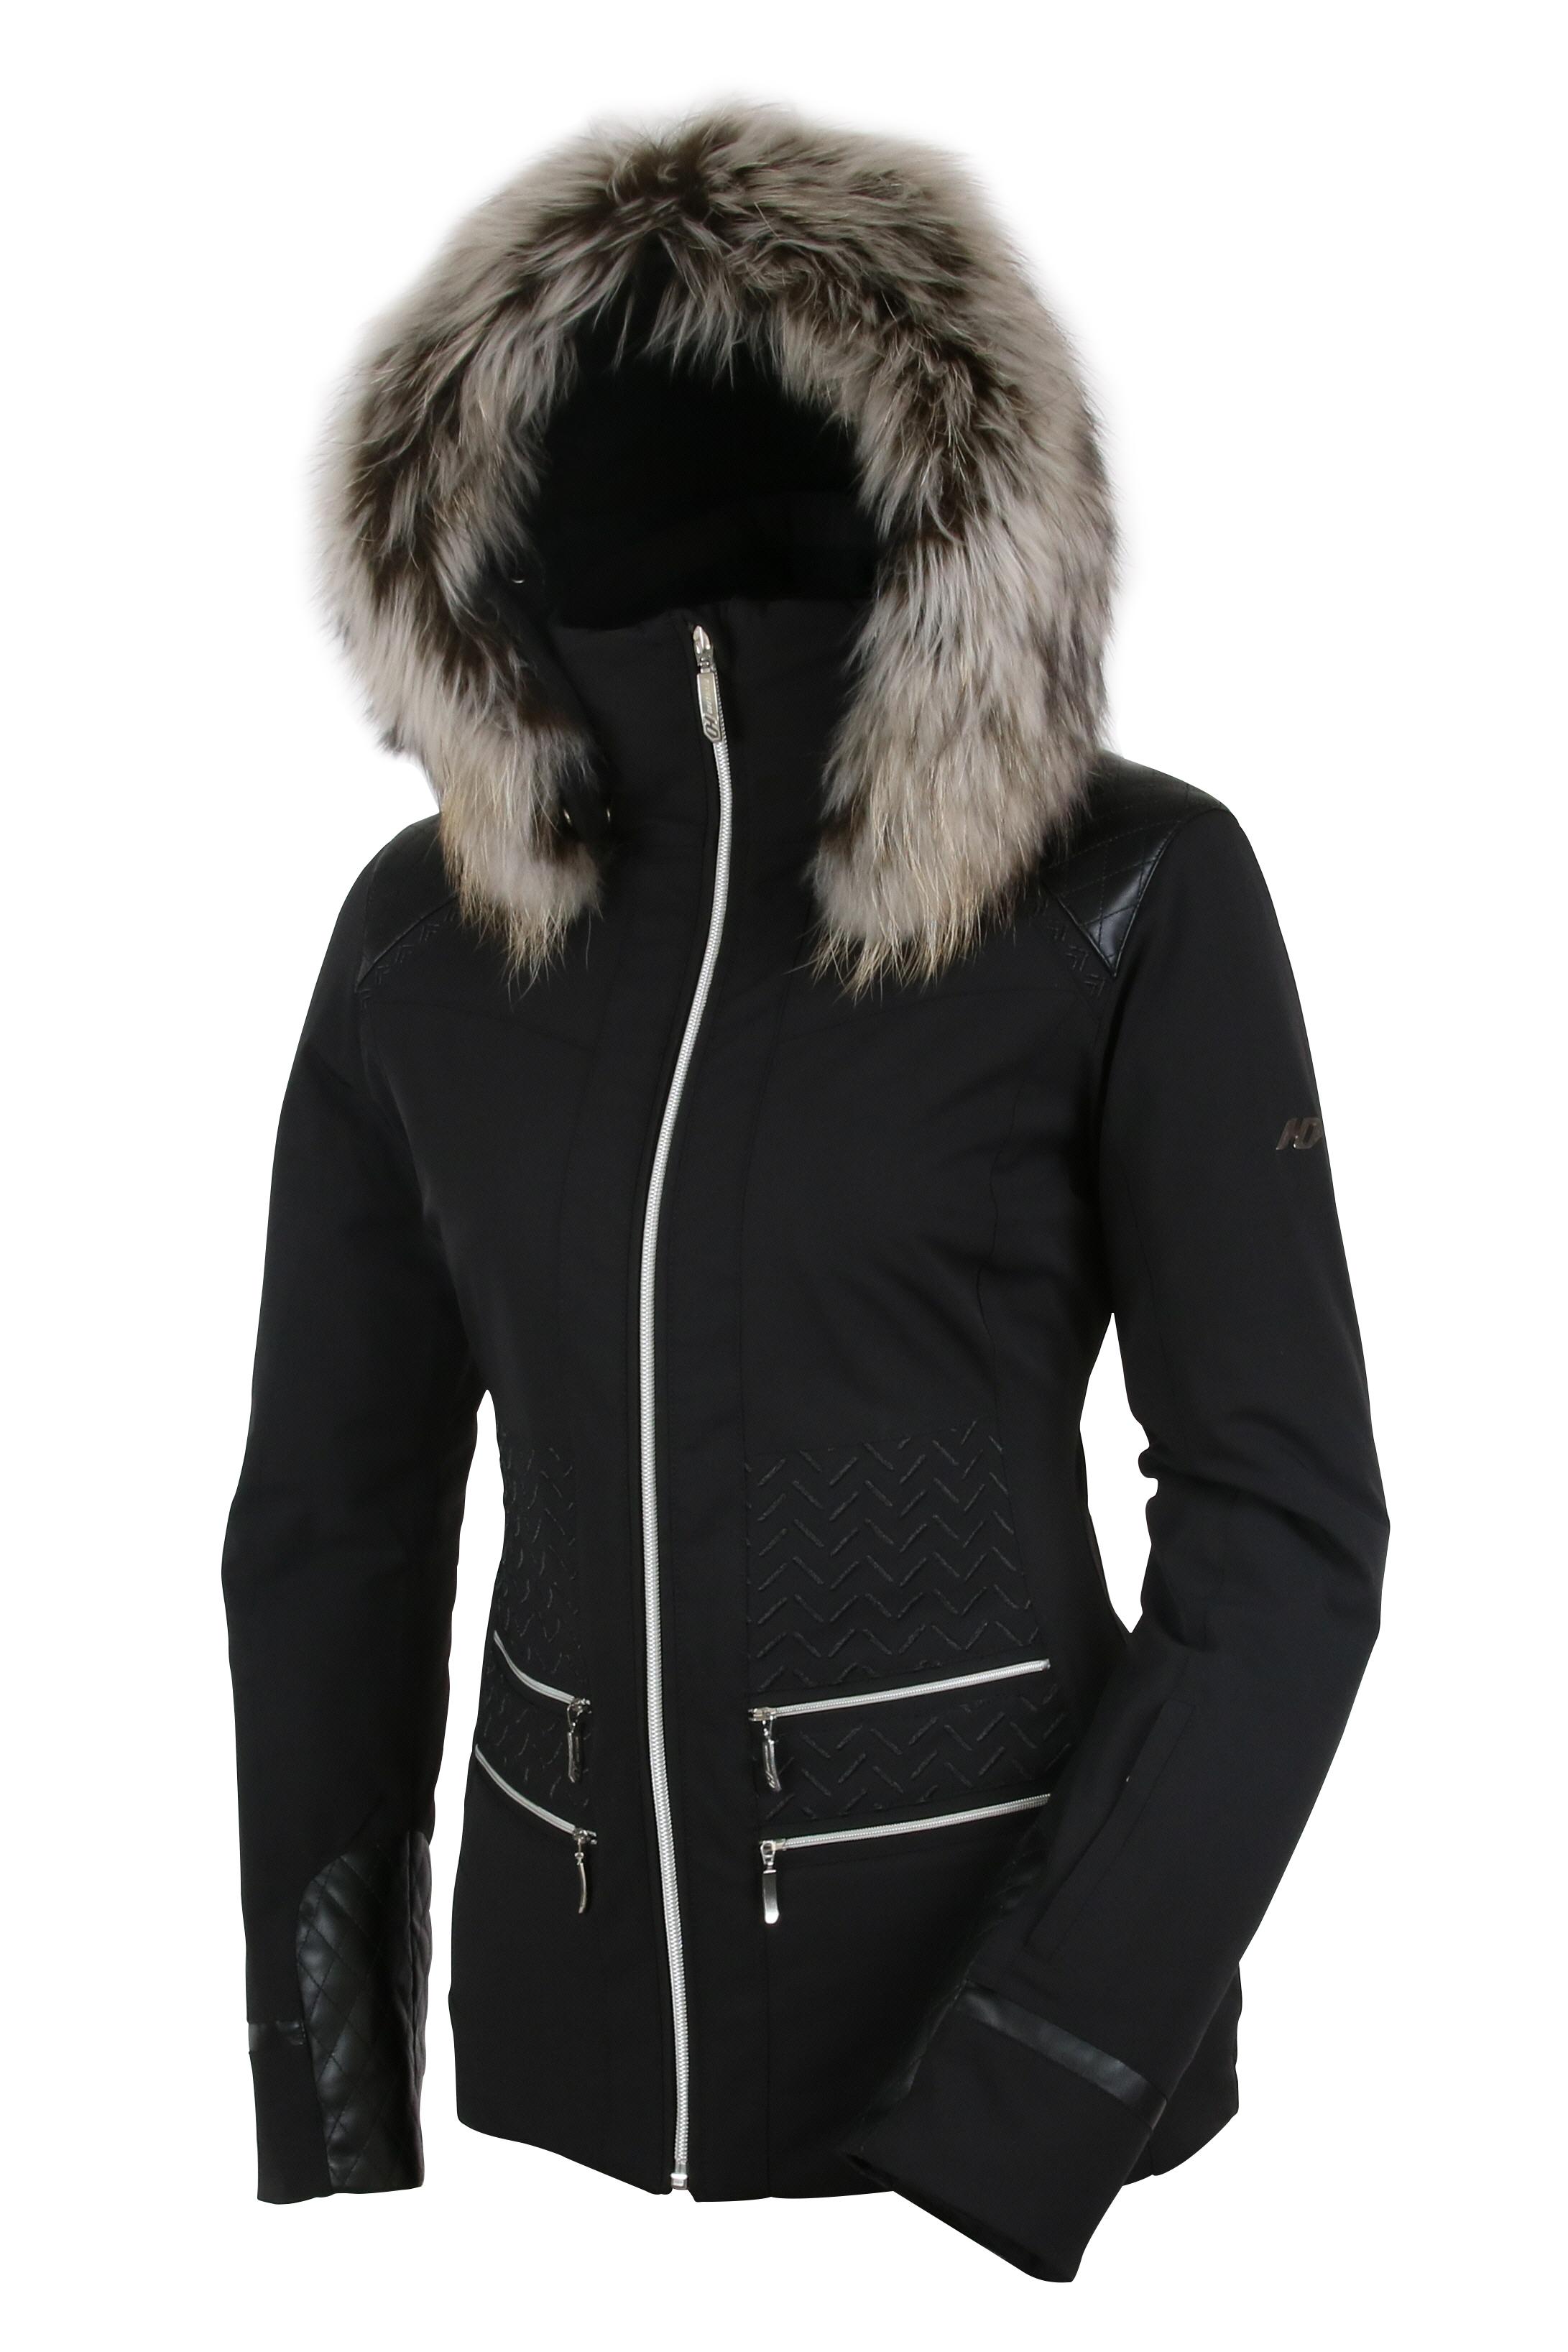 Henri Duvillard Borah Womens Ski Jacket In Black £549.00 36d1533a26